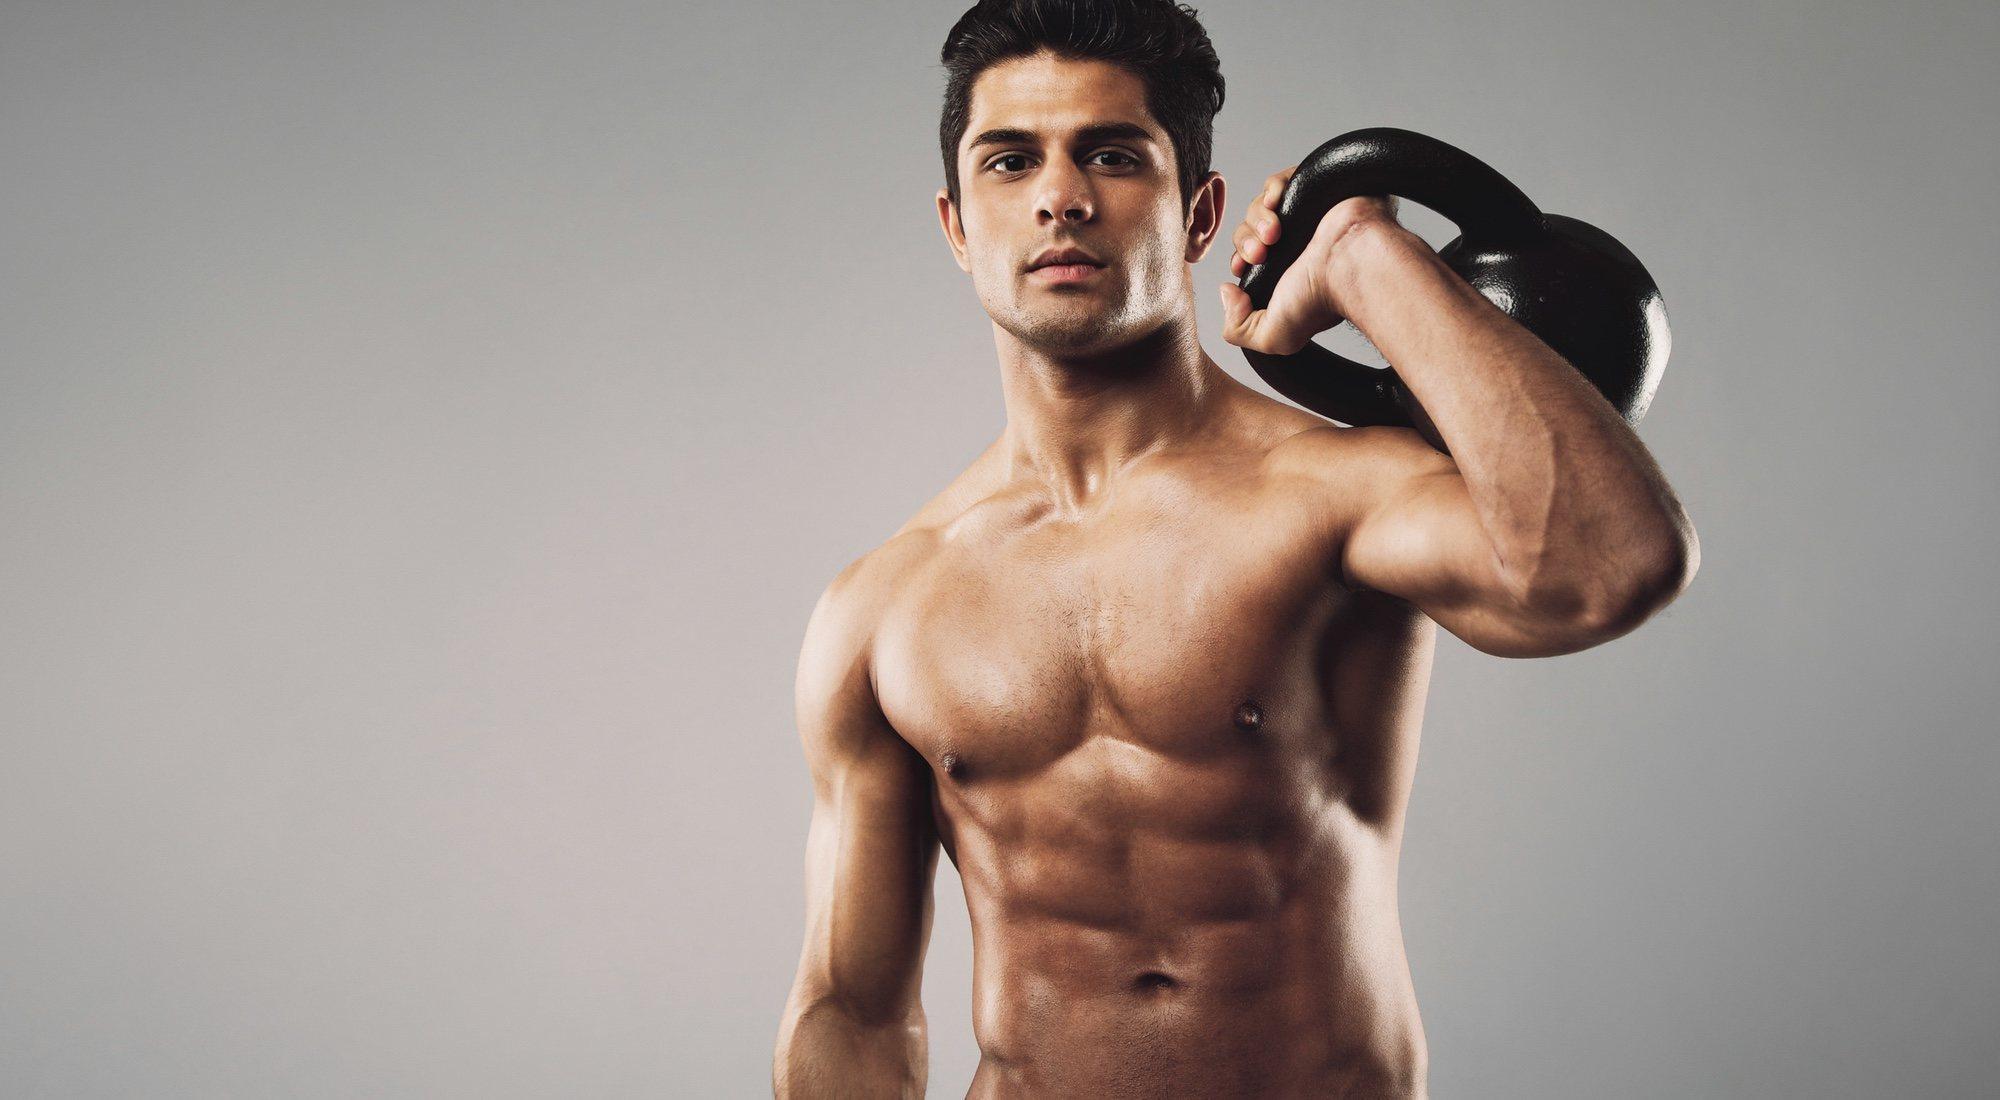 Rutina de abdominales: ¿cuál es la mejor y más efectiva?